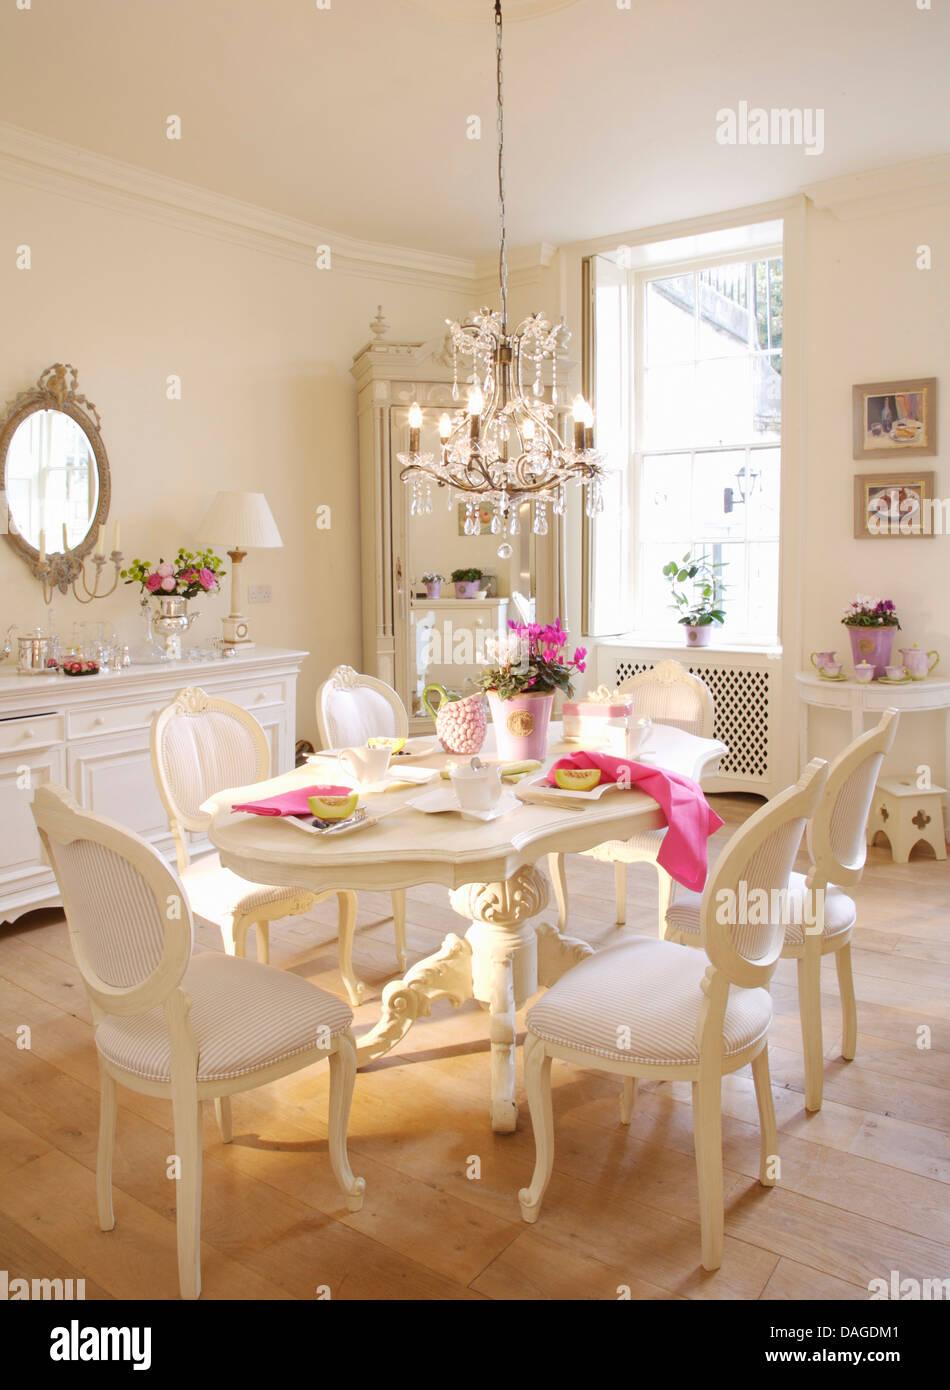 Verführerisch Weisse Stühle Das Beste Von Weiße Französische Stil Stühle Und Malte Ovalen